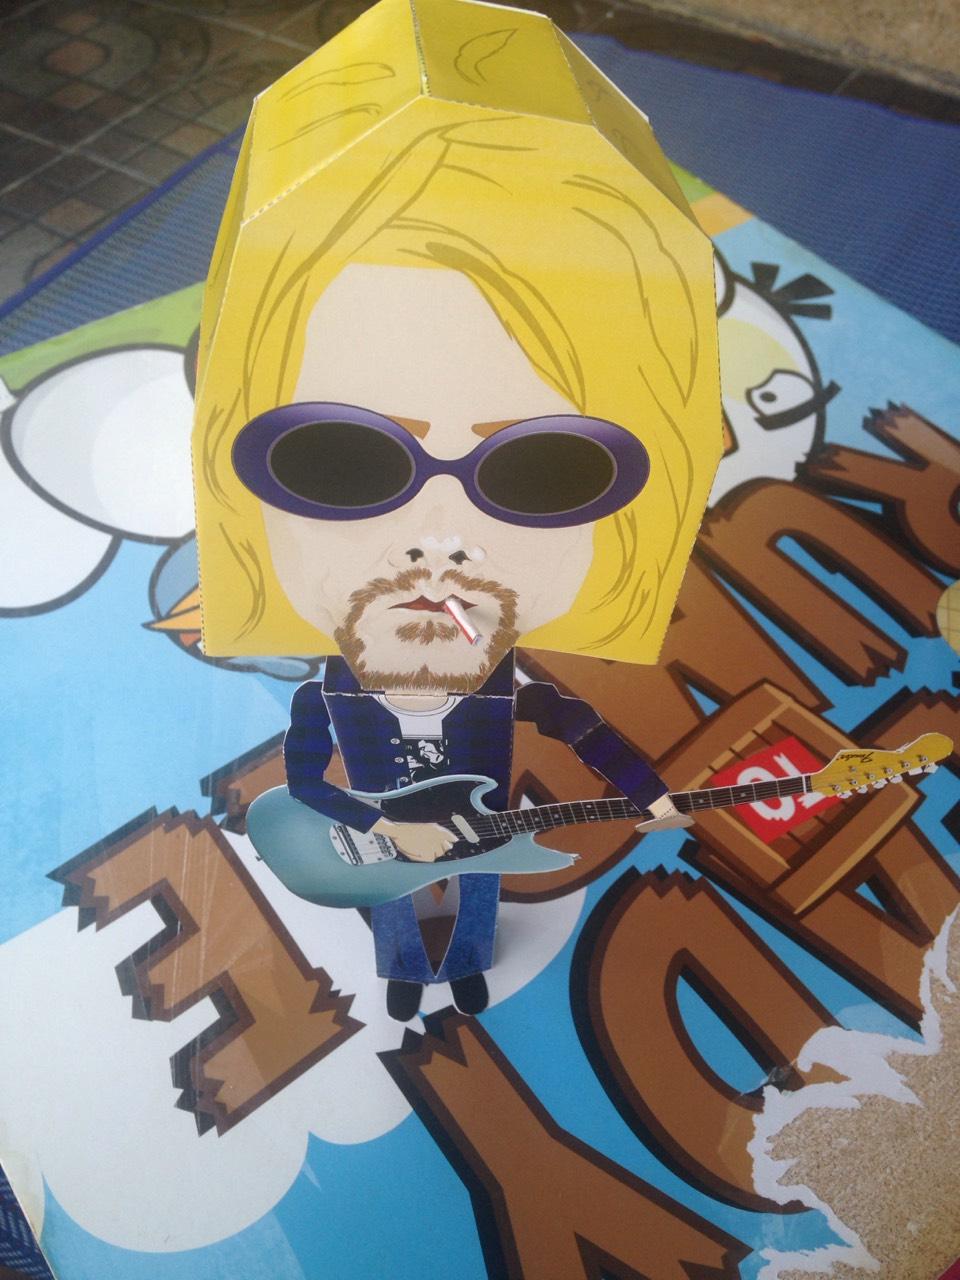 Kurt Donald Cobain NIRVANA